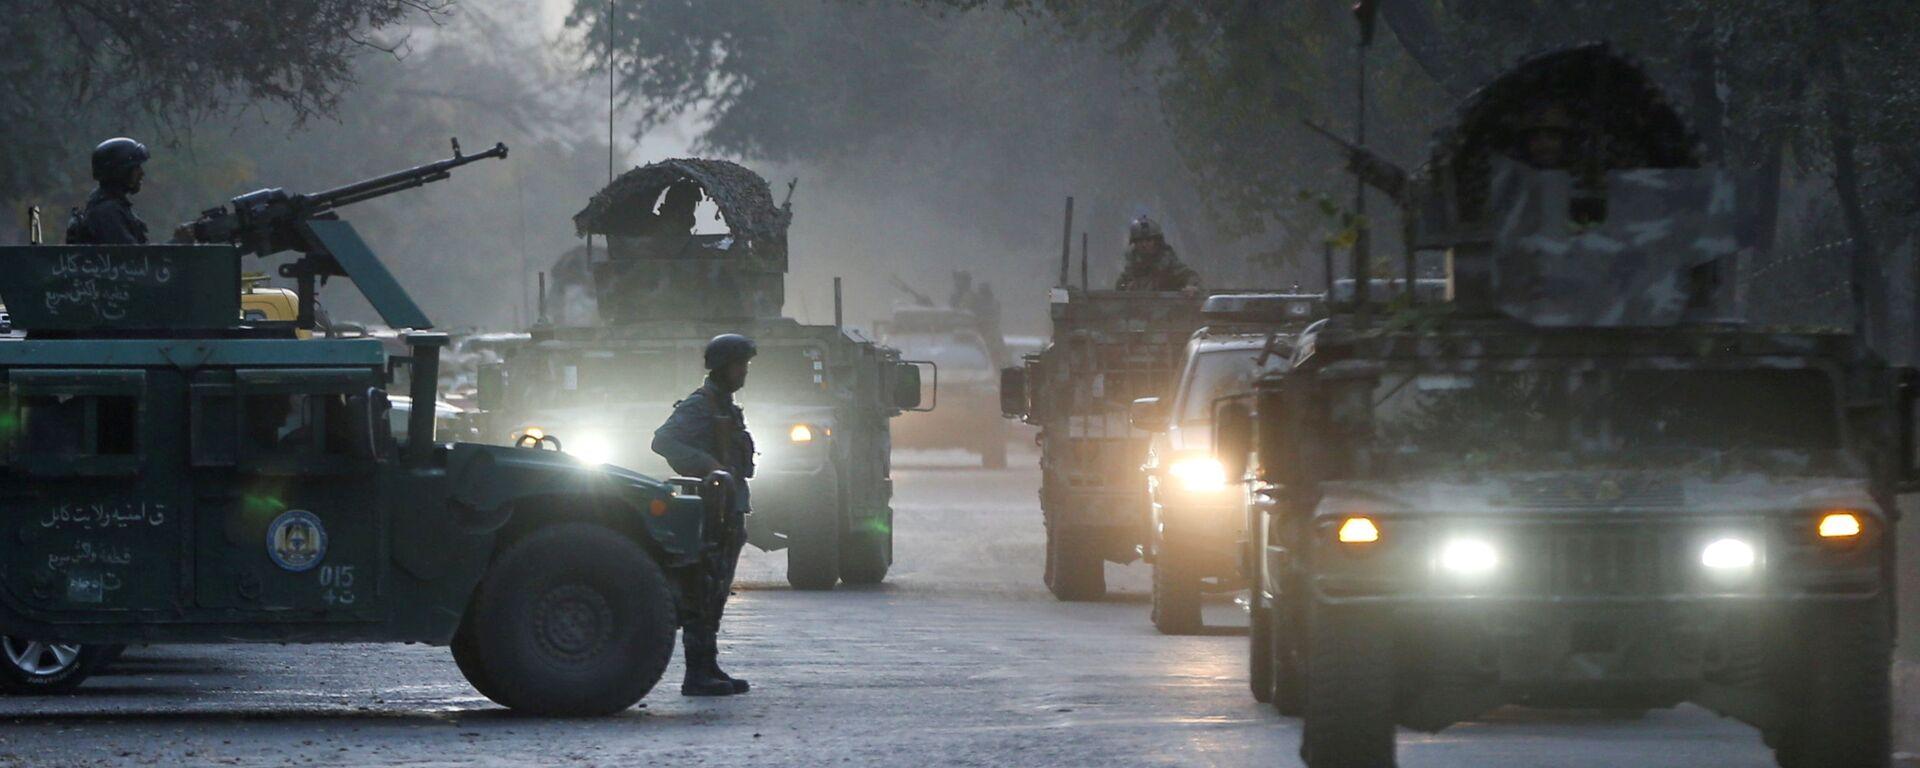 Афганские силовики на месте происшествия после вооруженного нападения на университет в Кабуле, Афганистан - Sputnik Таджикистан, 1920, 03.07.2021